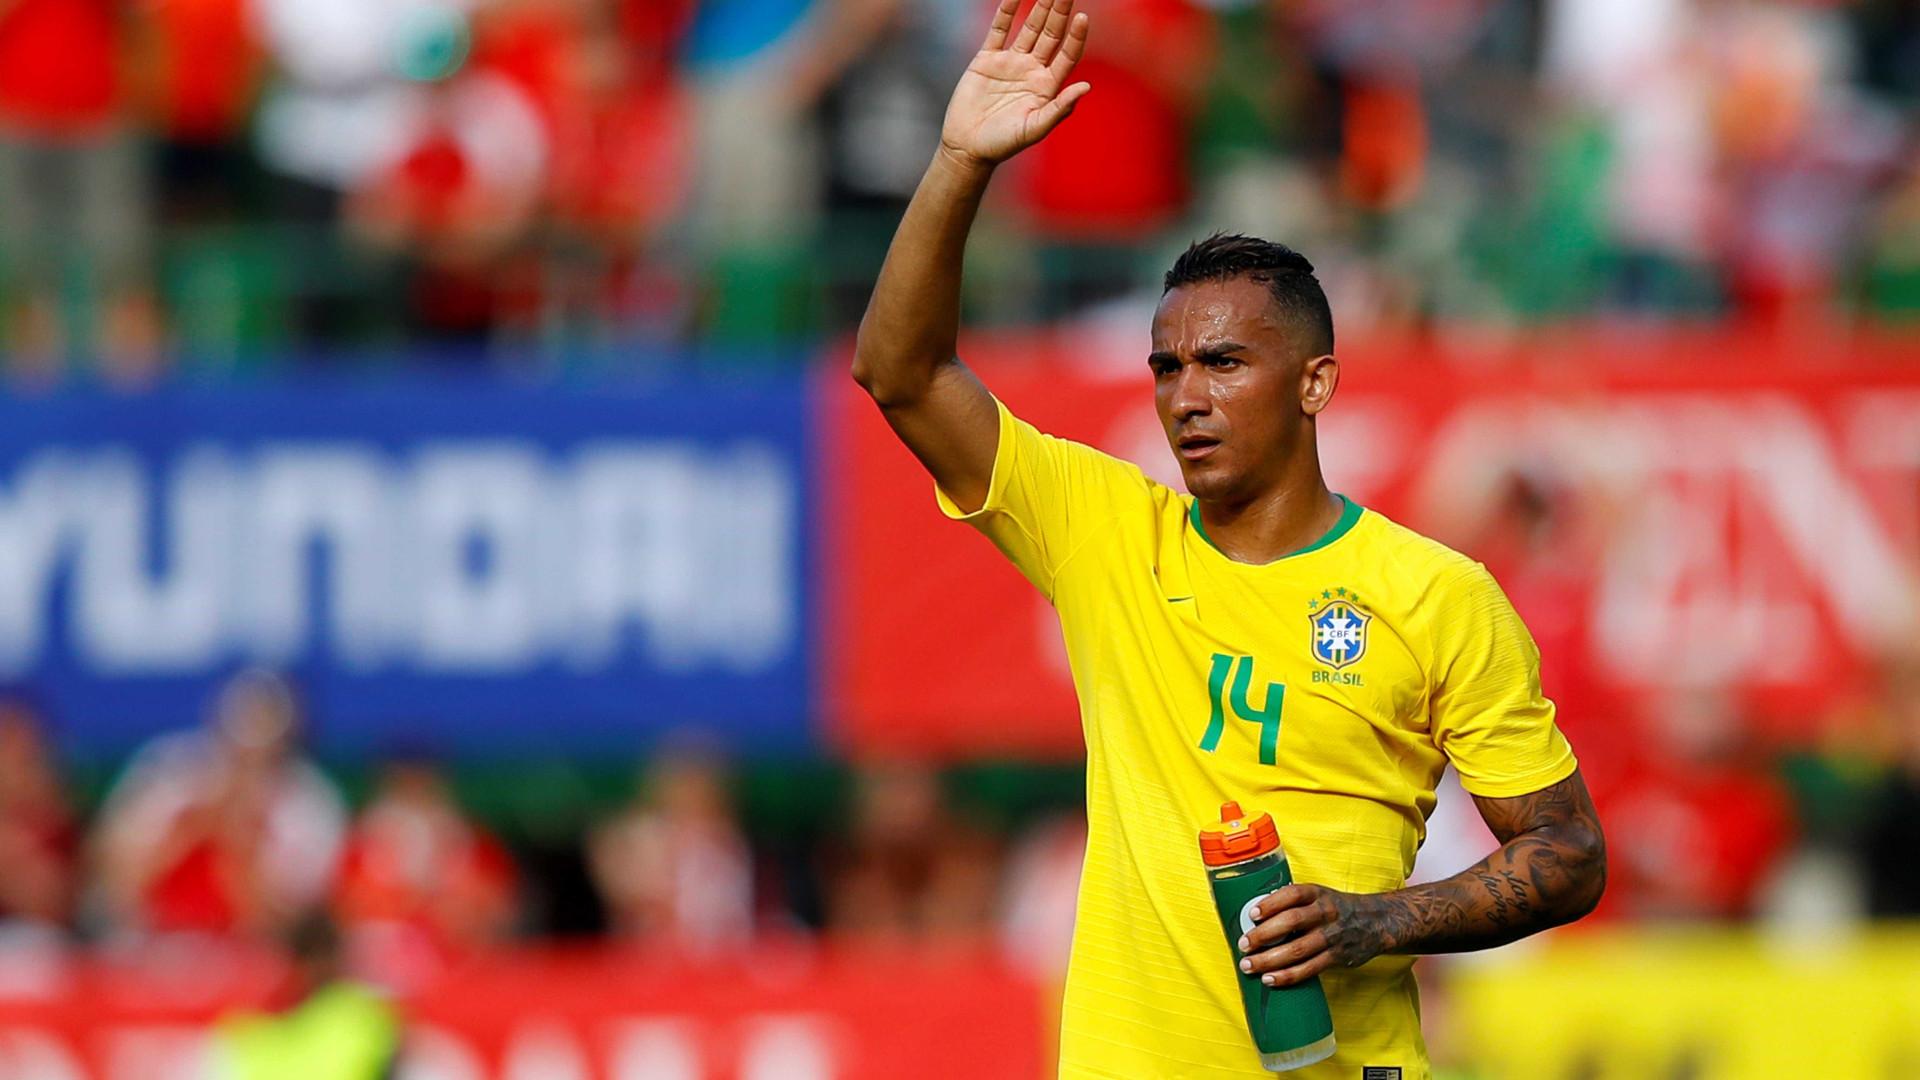 Fora do jogo, Danilo passa mal após vitória do Brasil contra Costa Rica